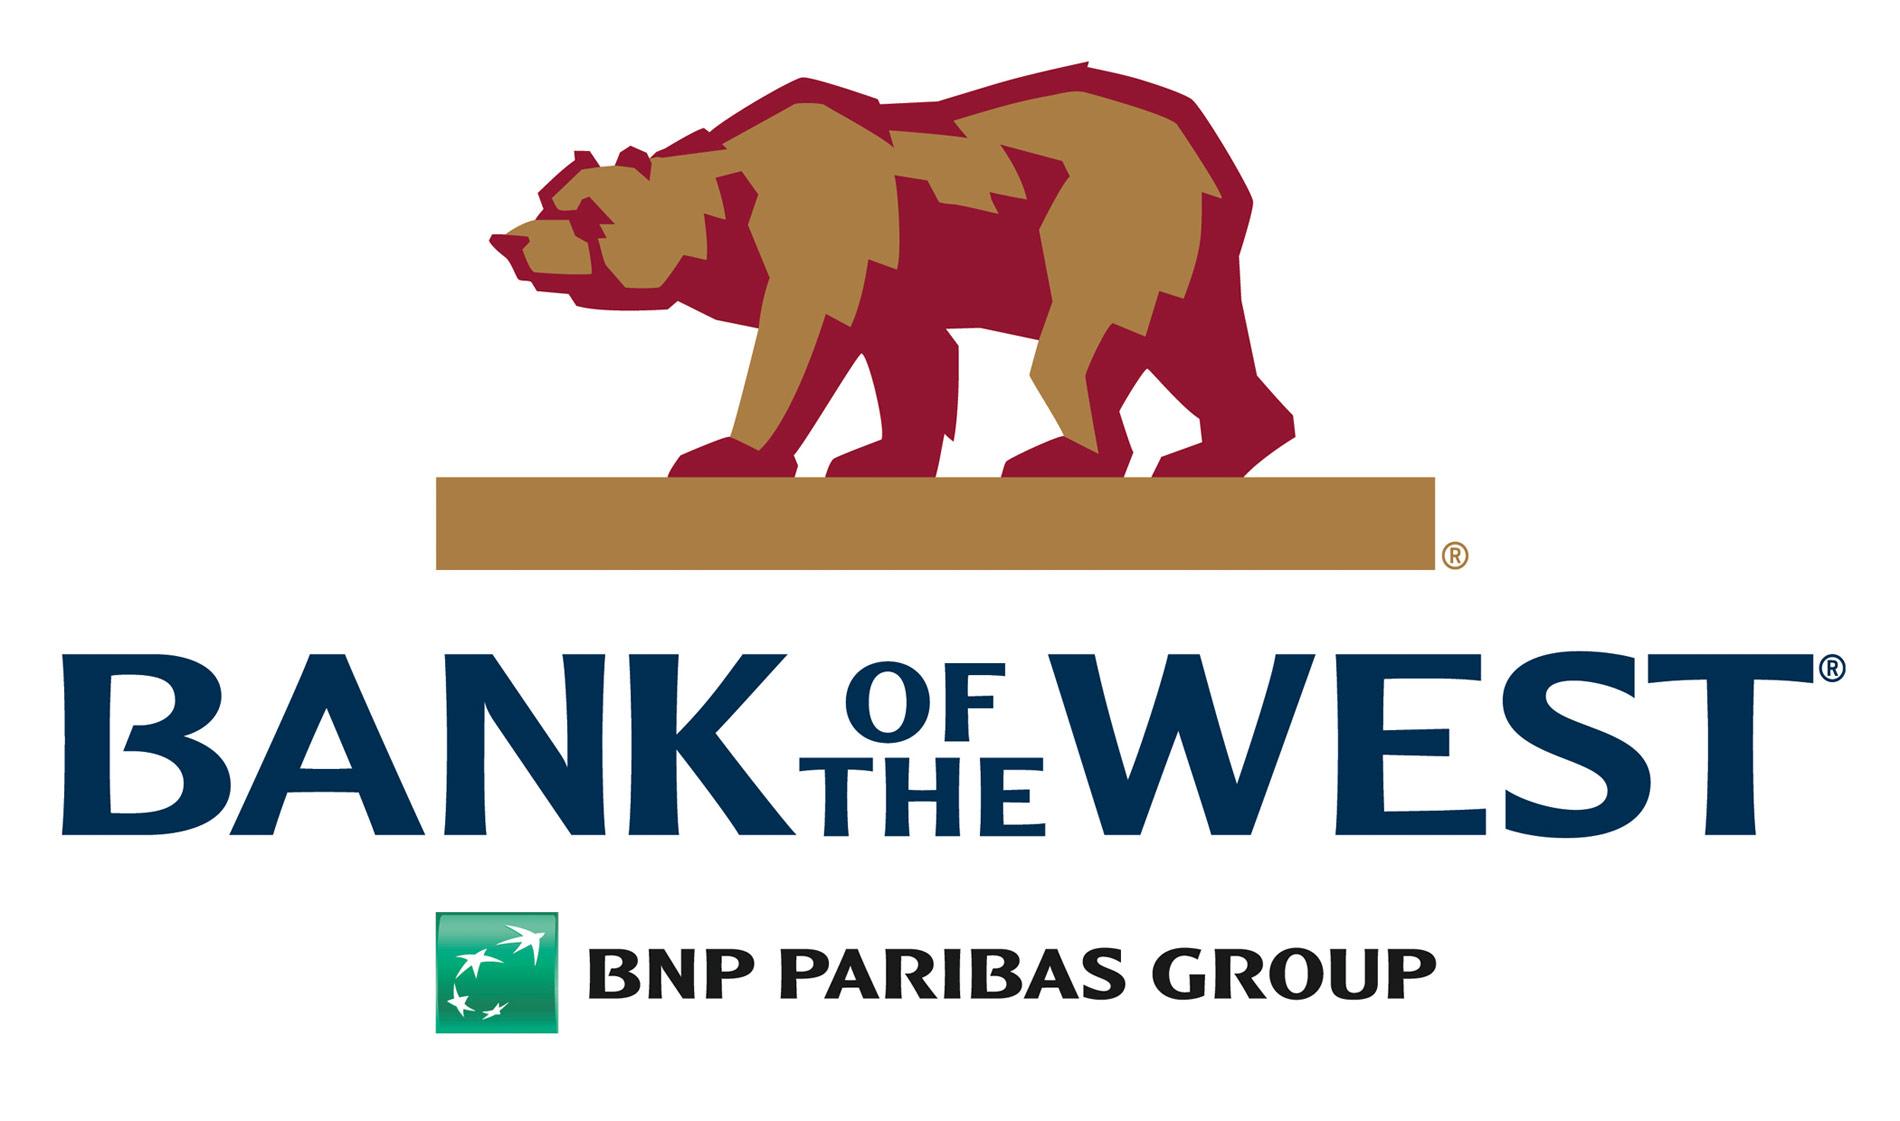 cfd bank